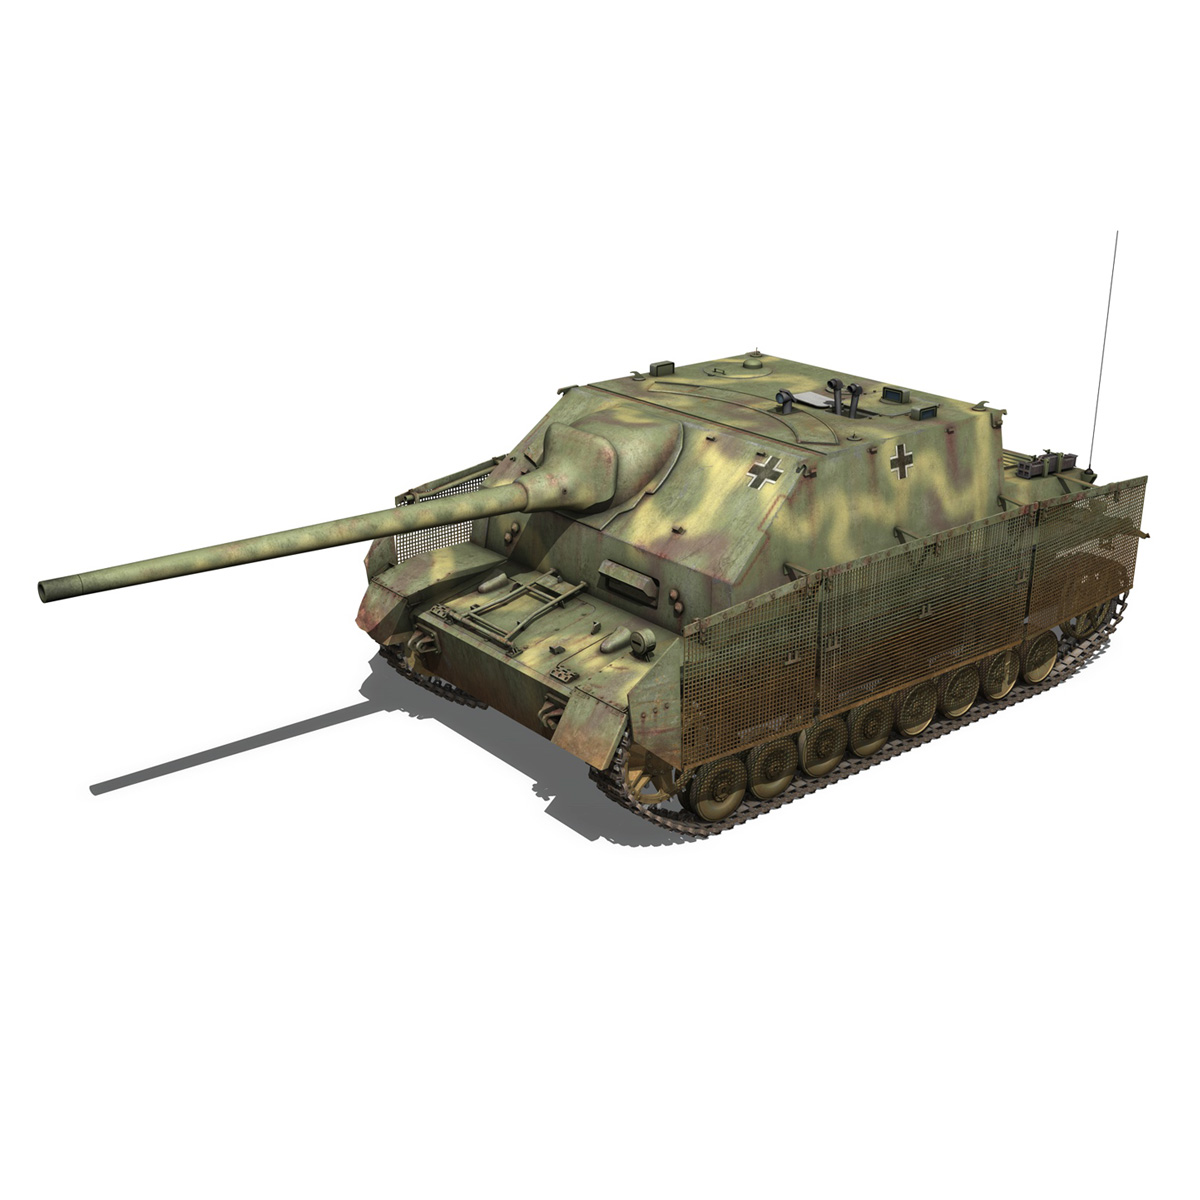 jagdpanzer iv l/70 (a) 3d model 3ds fbx c4d obj 200830